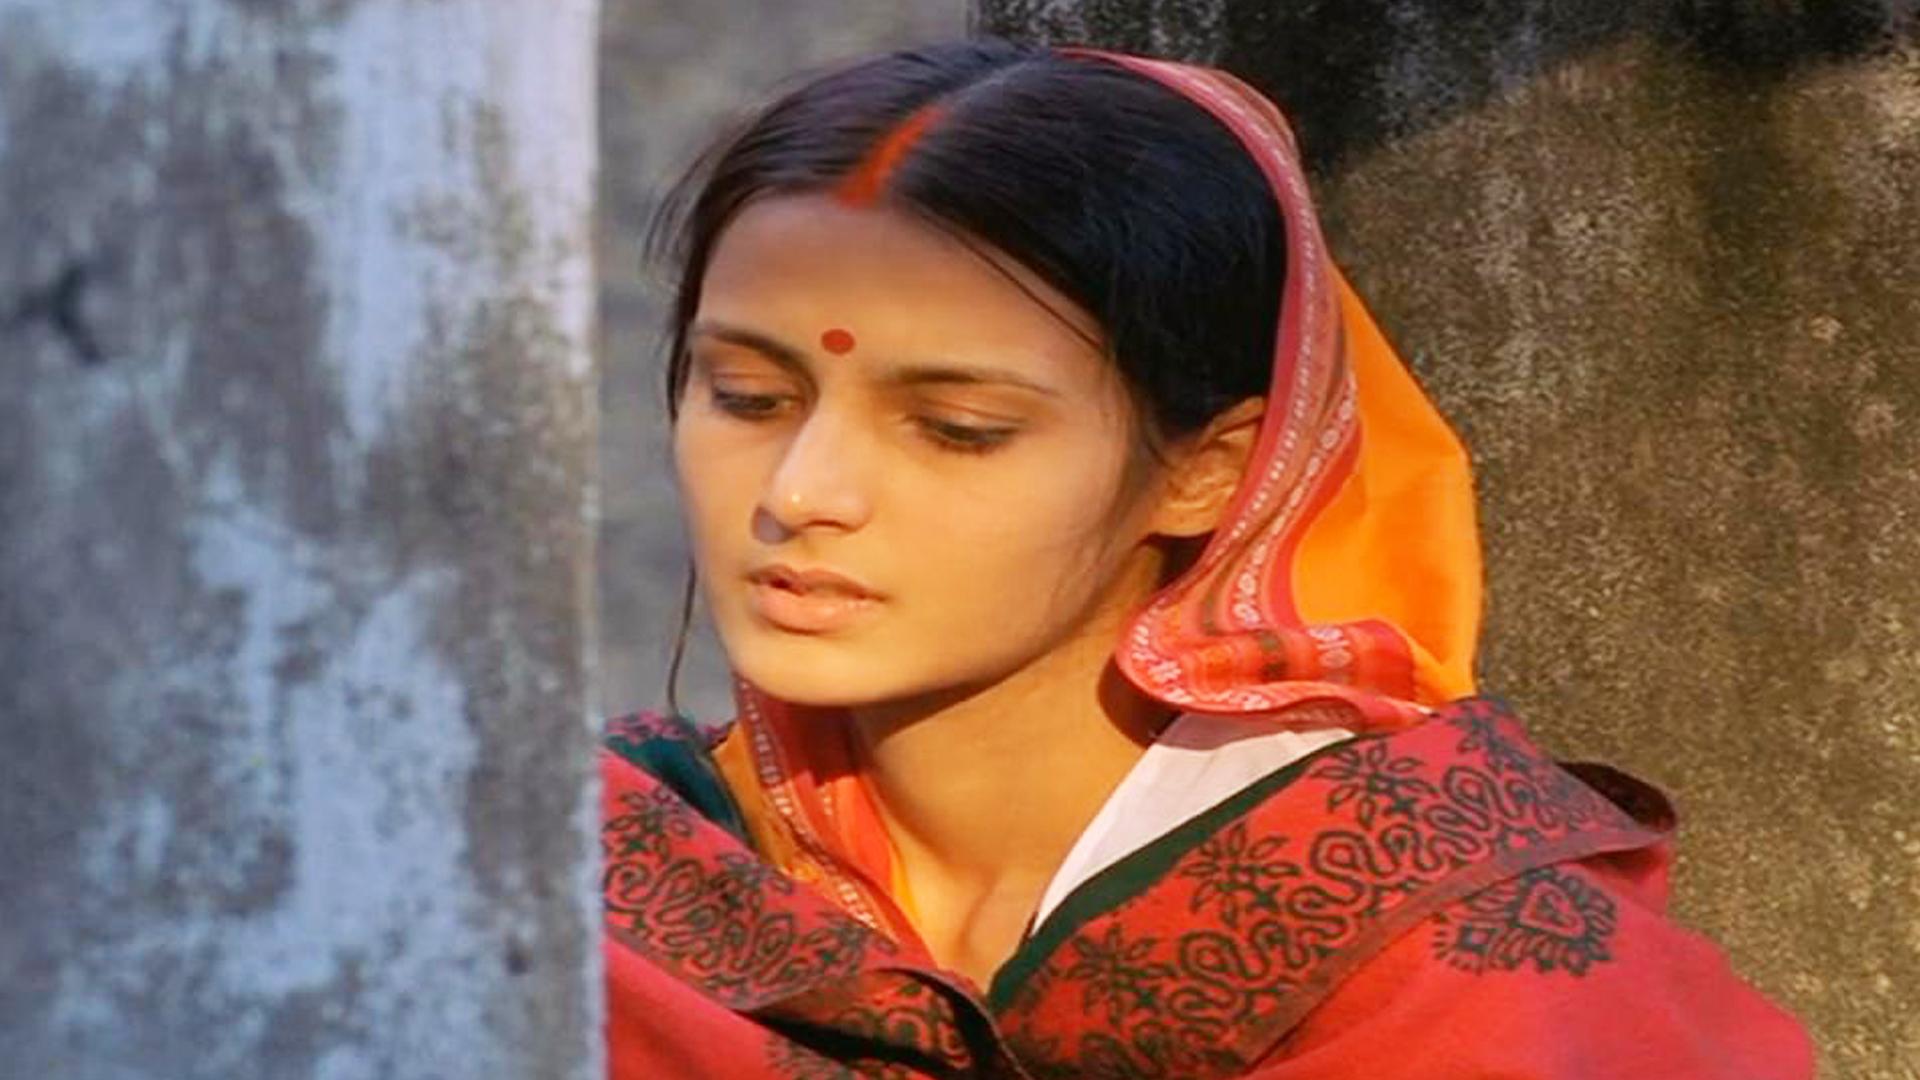 由于重男轻女的封建思想,导致女性越来越少,最终成为国宝。电影